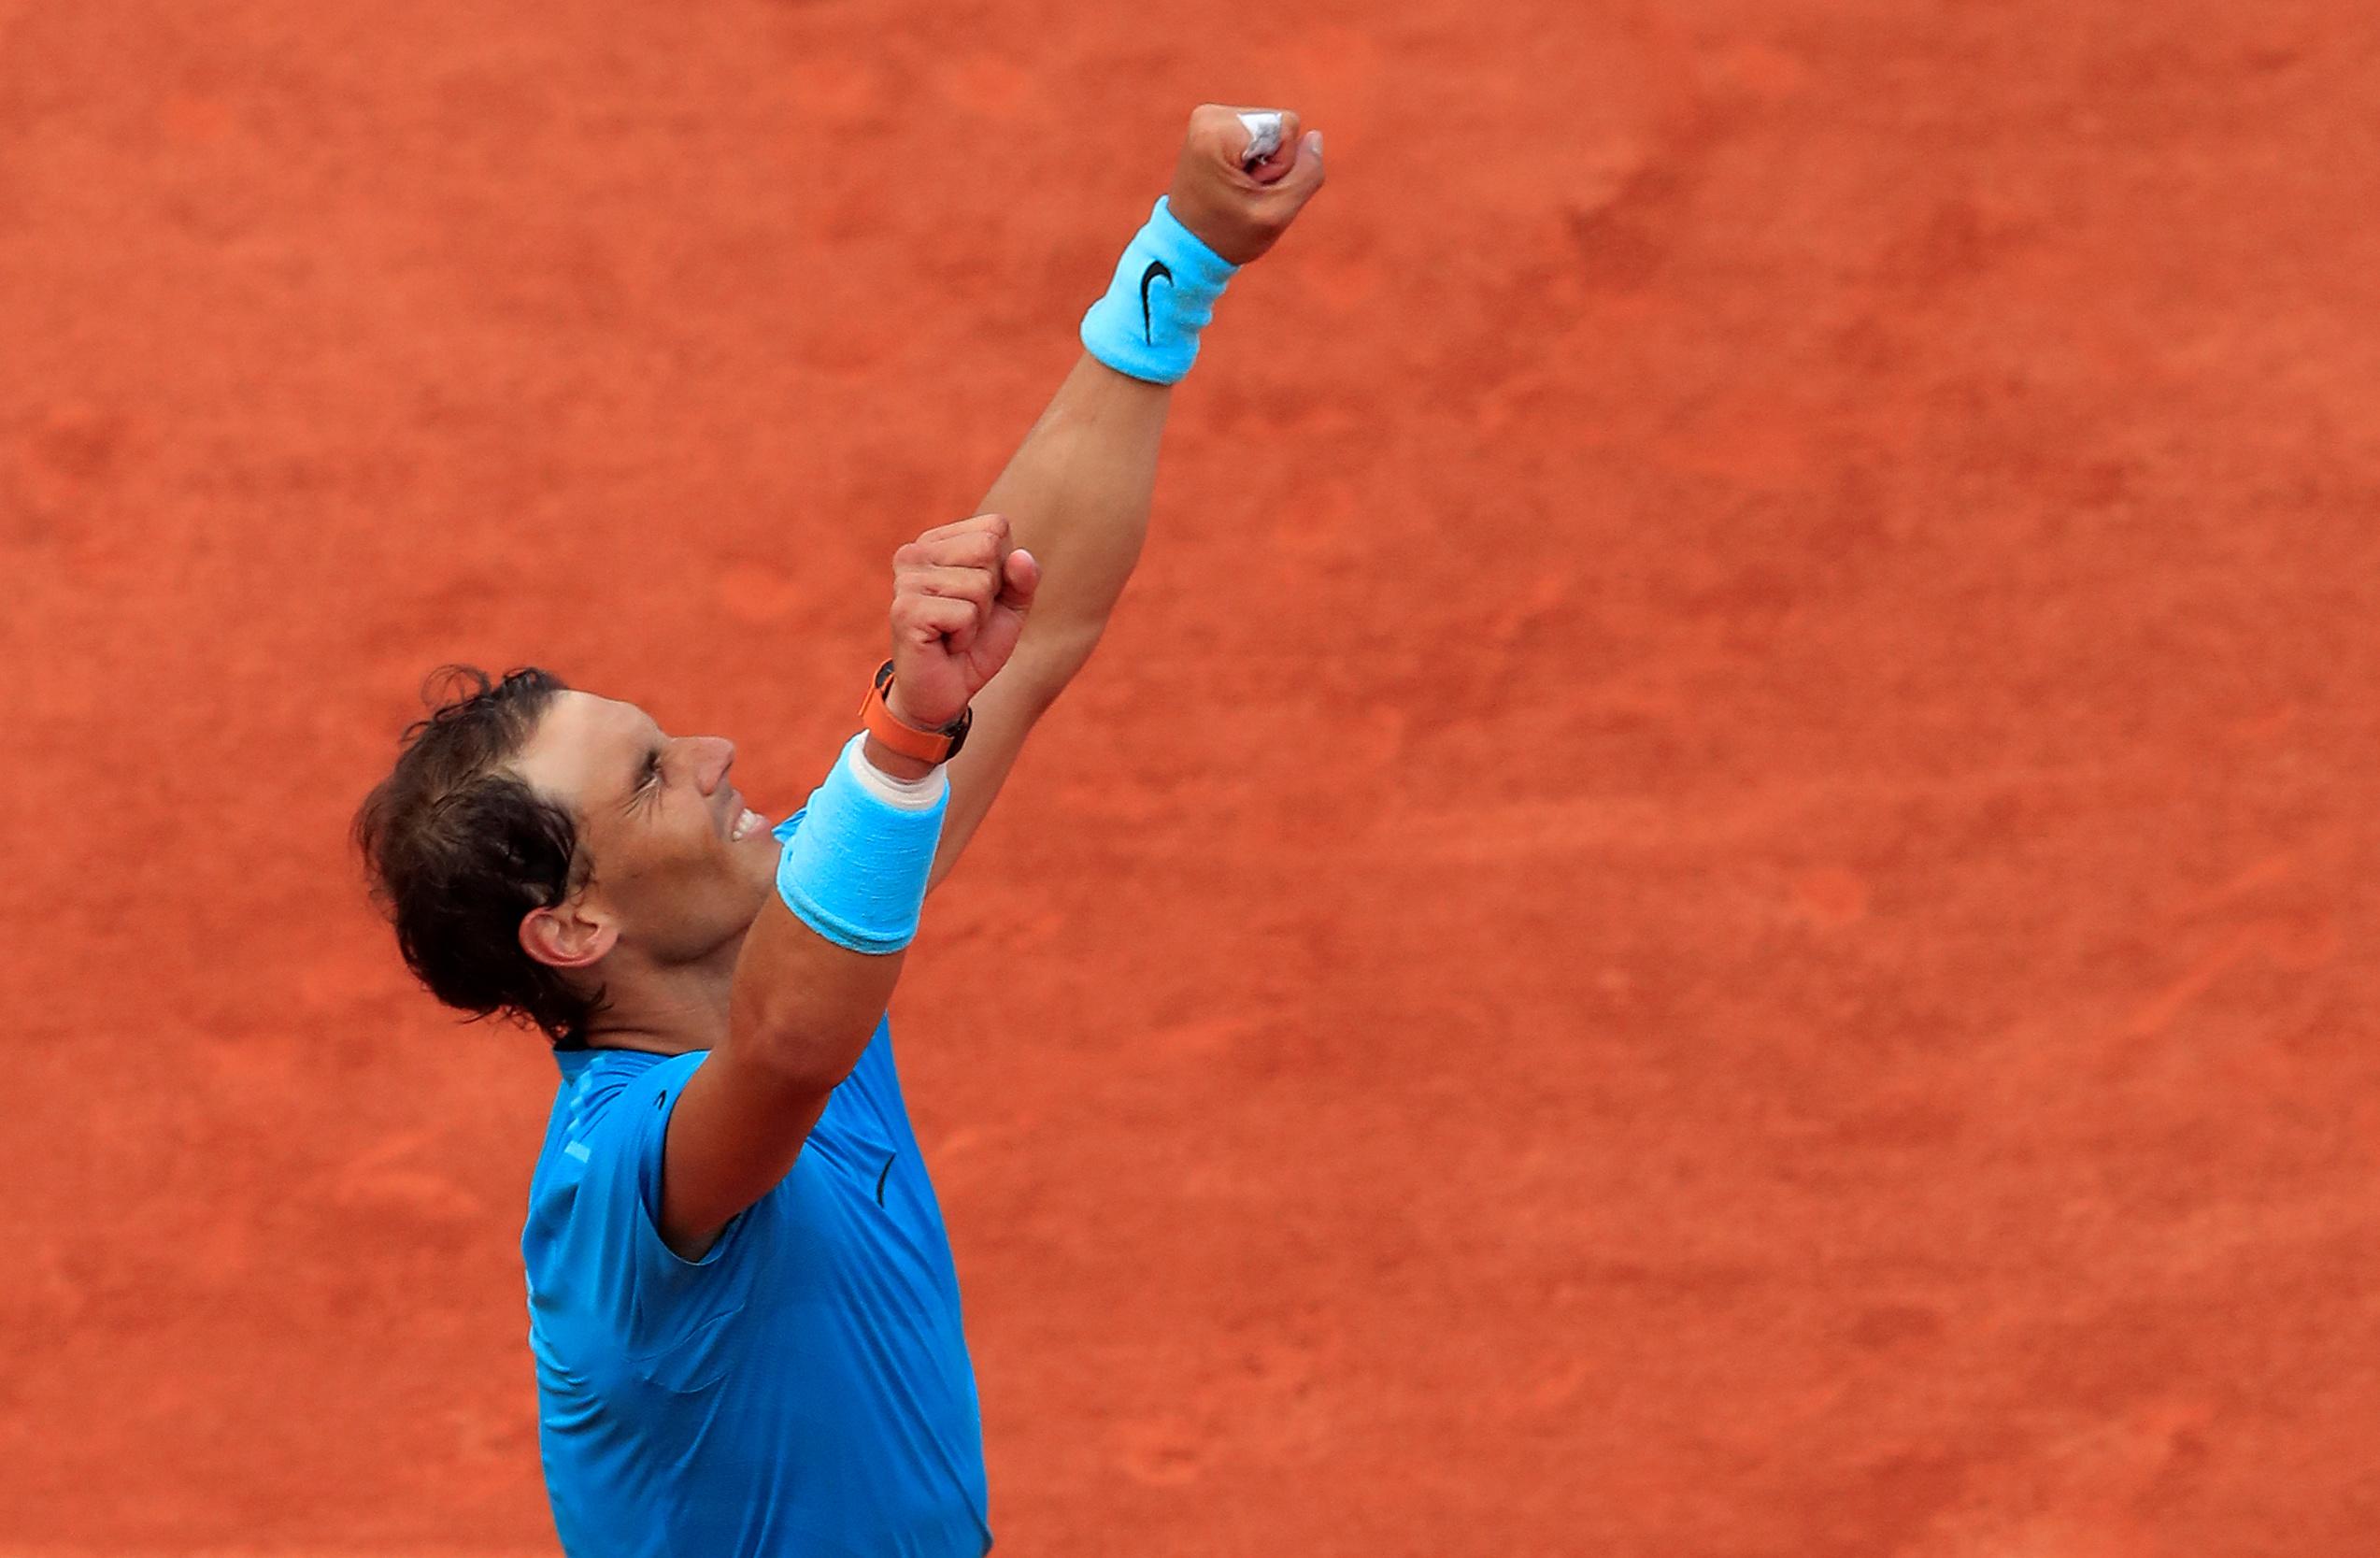 بطولة فرنسا المفتوحة - 83097